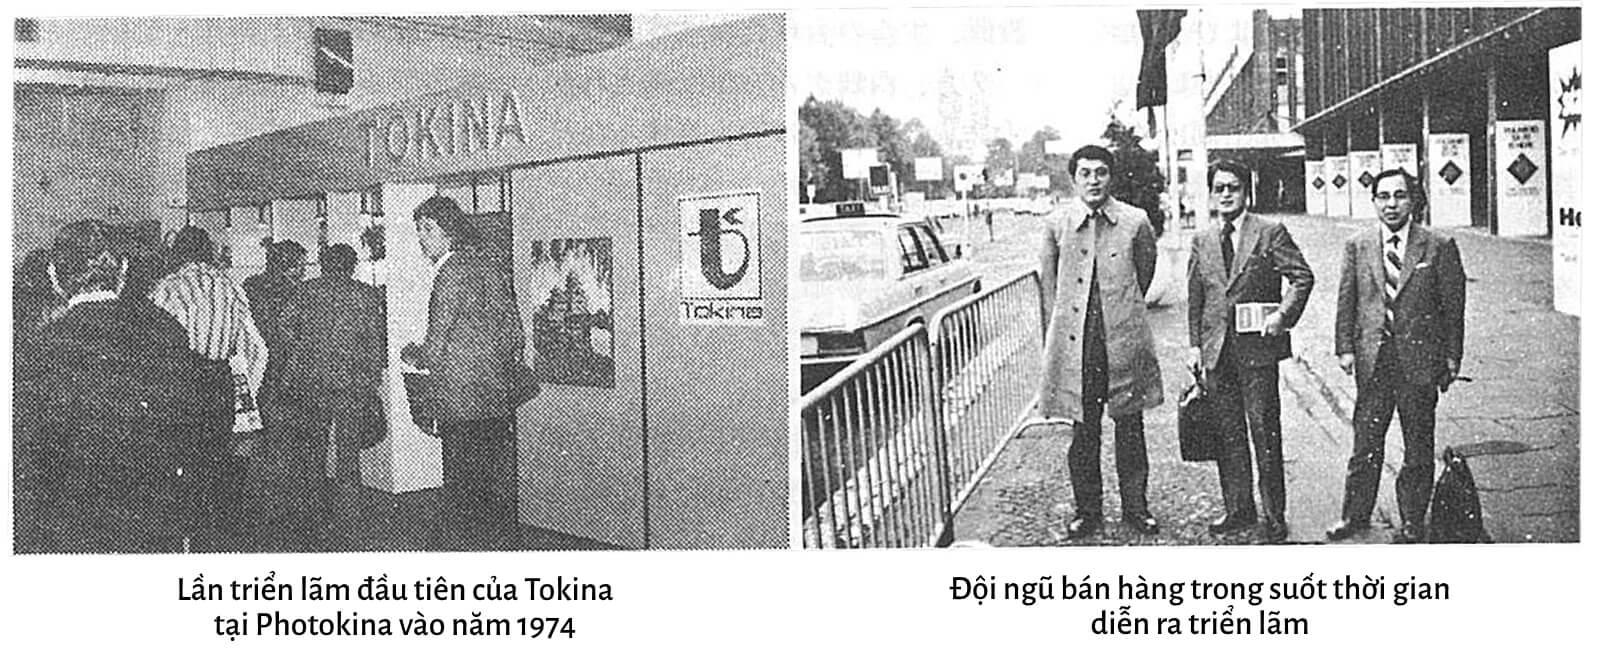 Lần triển lãm đầu tiên của ống kính Tokina tại Photokina (Đức)